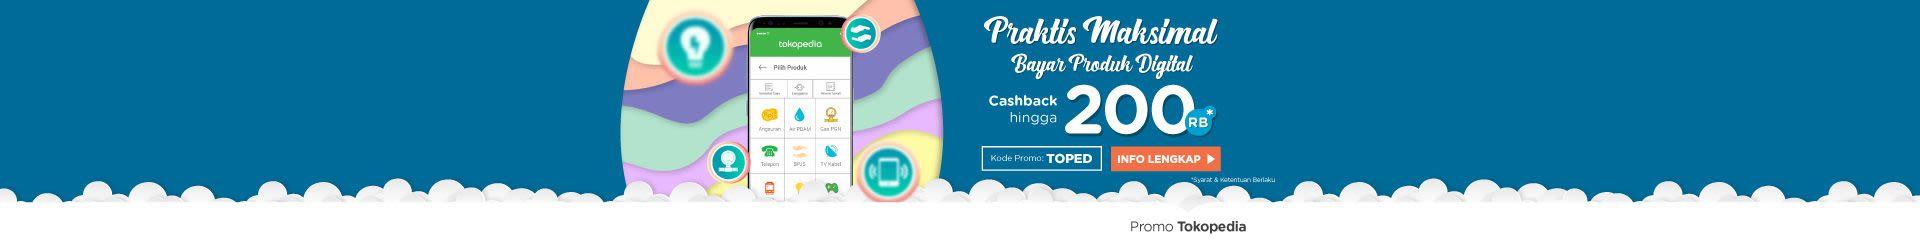 Nikmati Praktisnya Bayar Produk Digital, Cashback s.d. 200rb